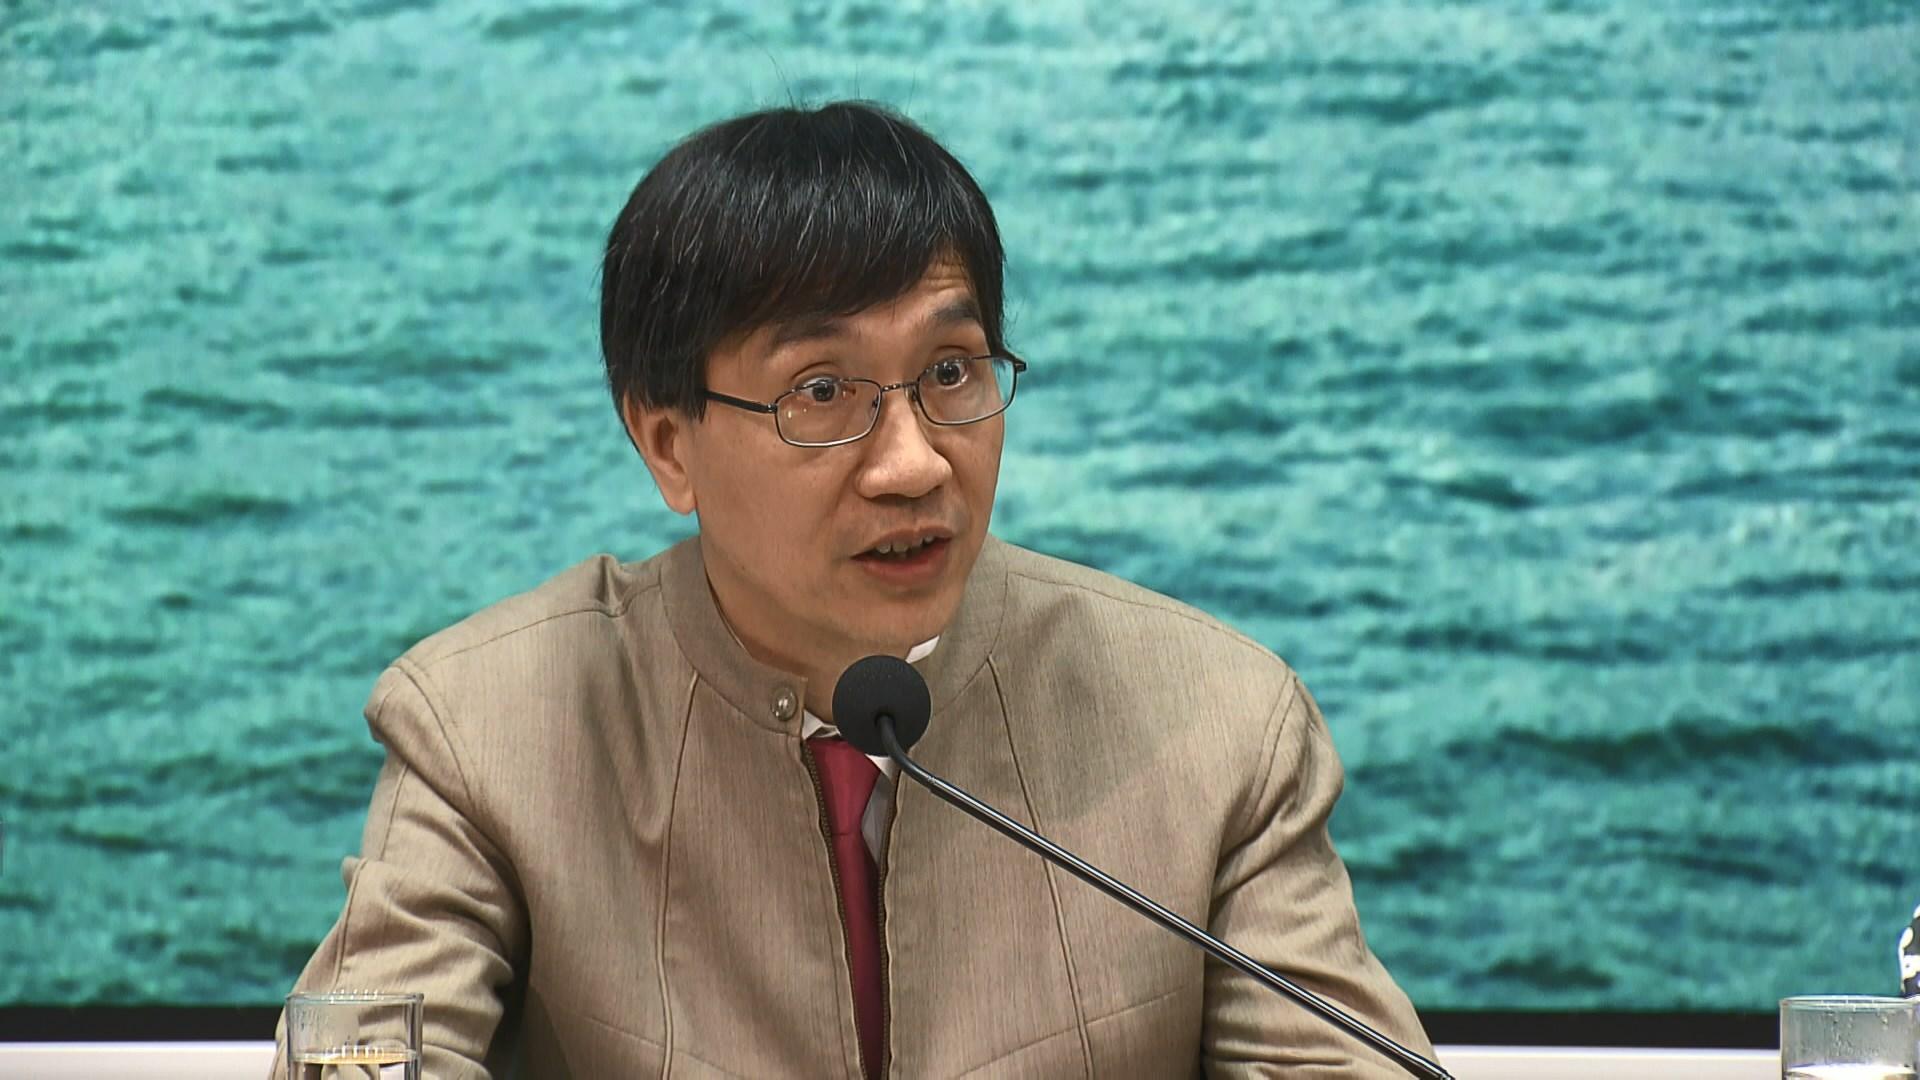 袁國勇:麻疹與沙士不同 死亡率相對較低